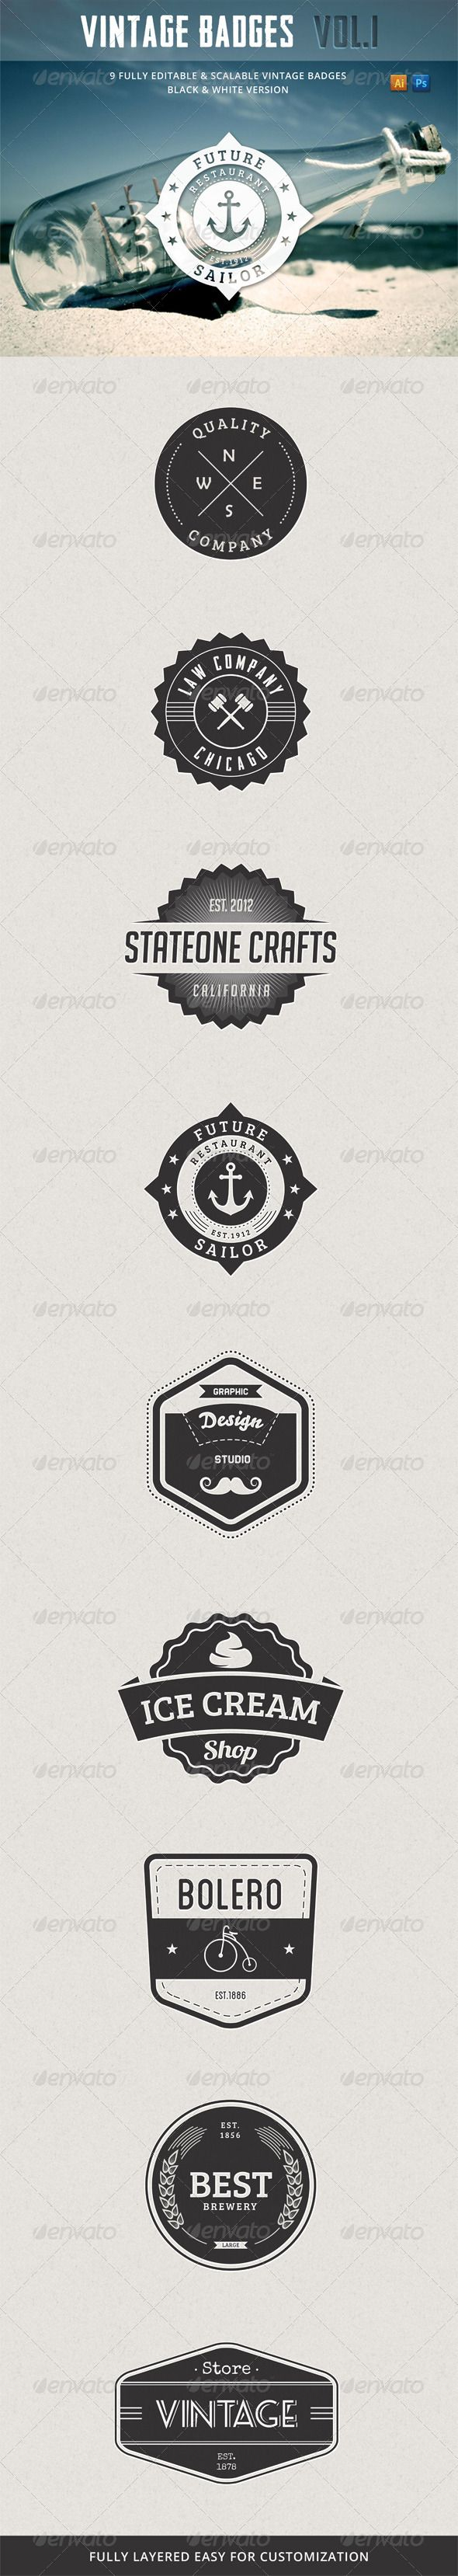 Retro Vintage Badges Vol.1